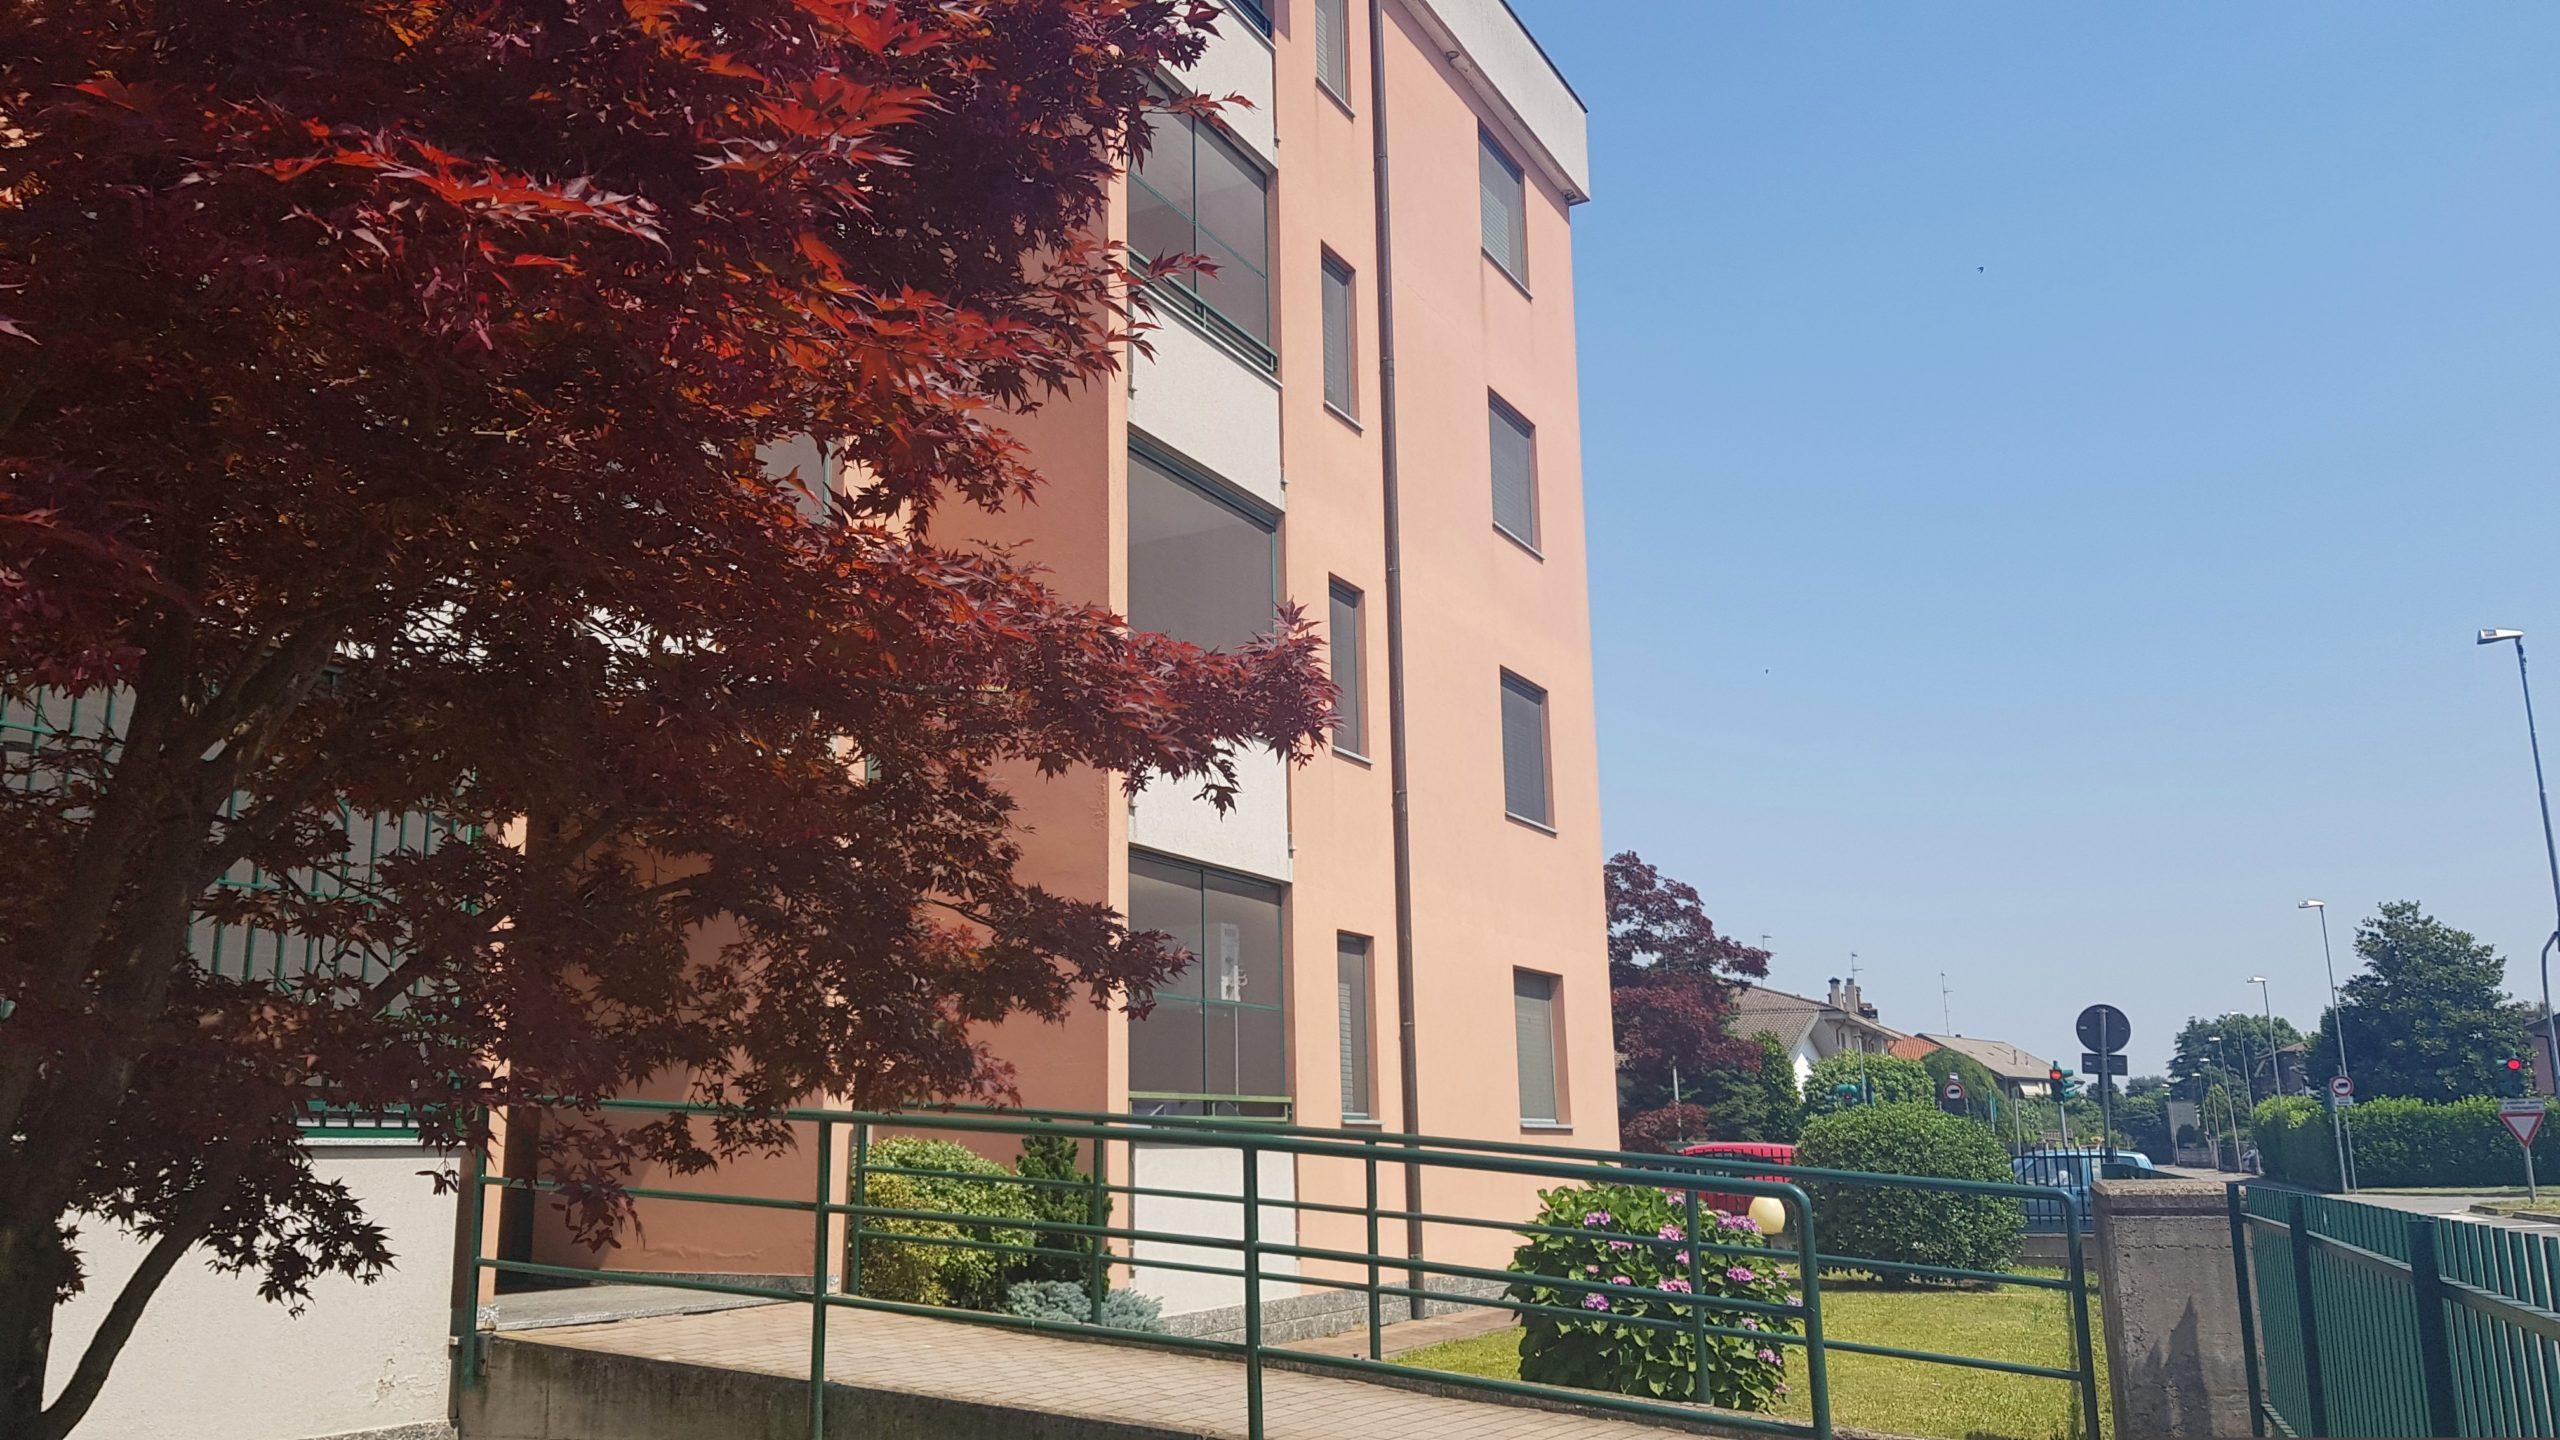 Casorate Primo (PV) – Appartamento bilocale con ascensore